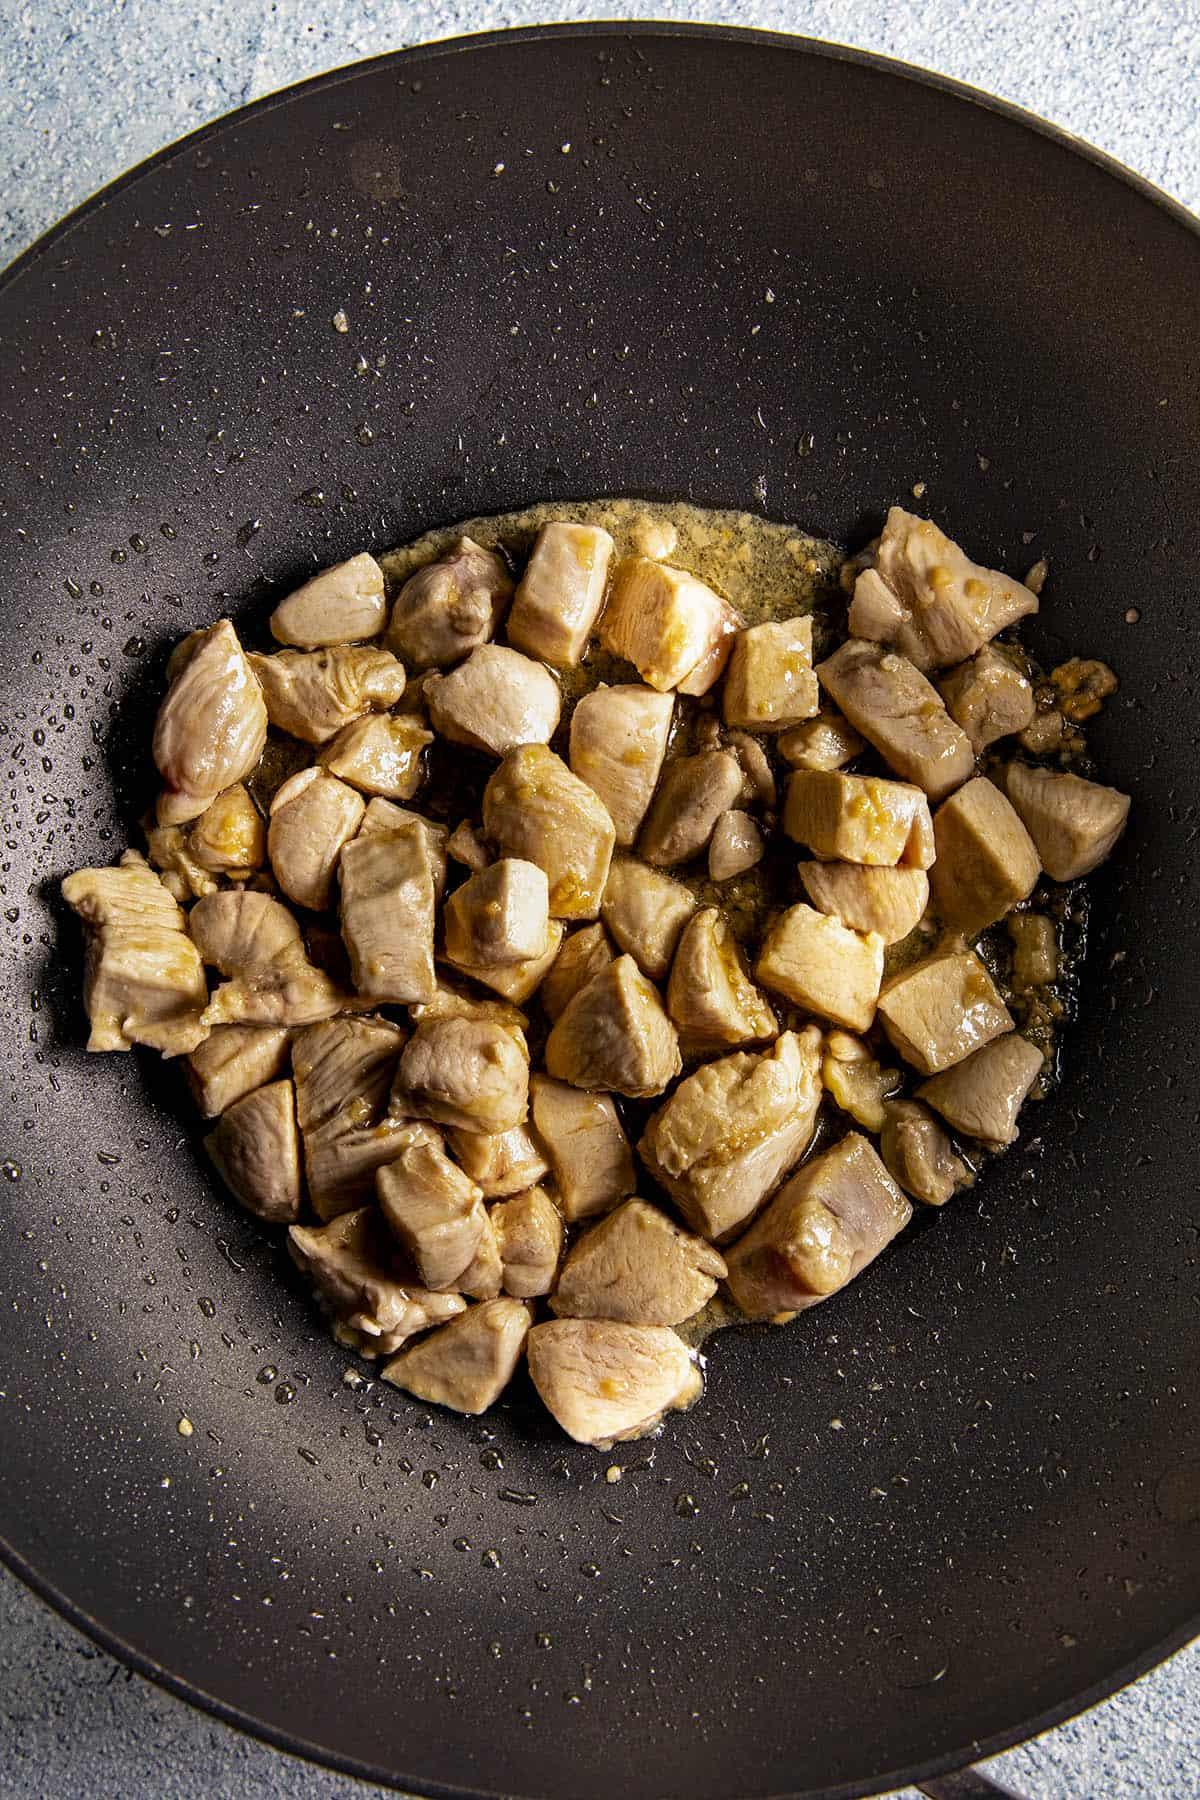 Cooking chicken in a wok to make Bourbon Chicken